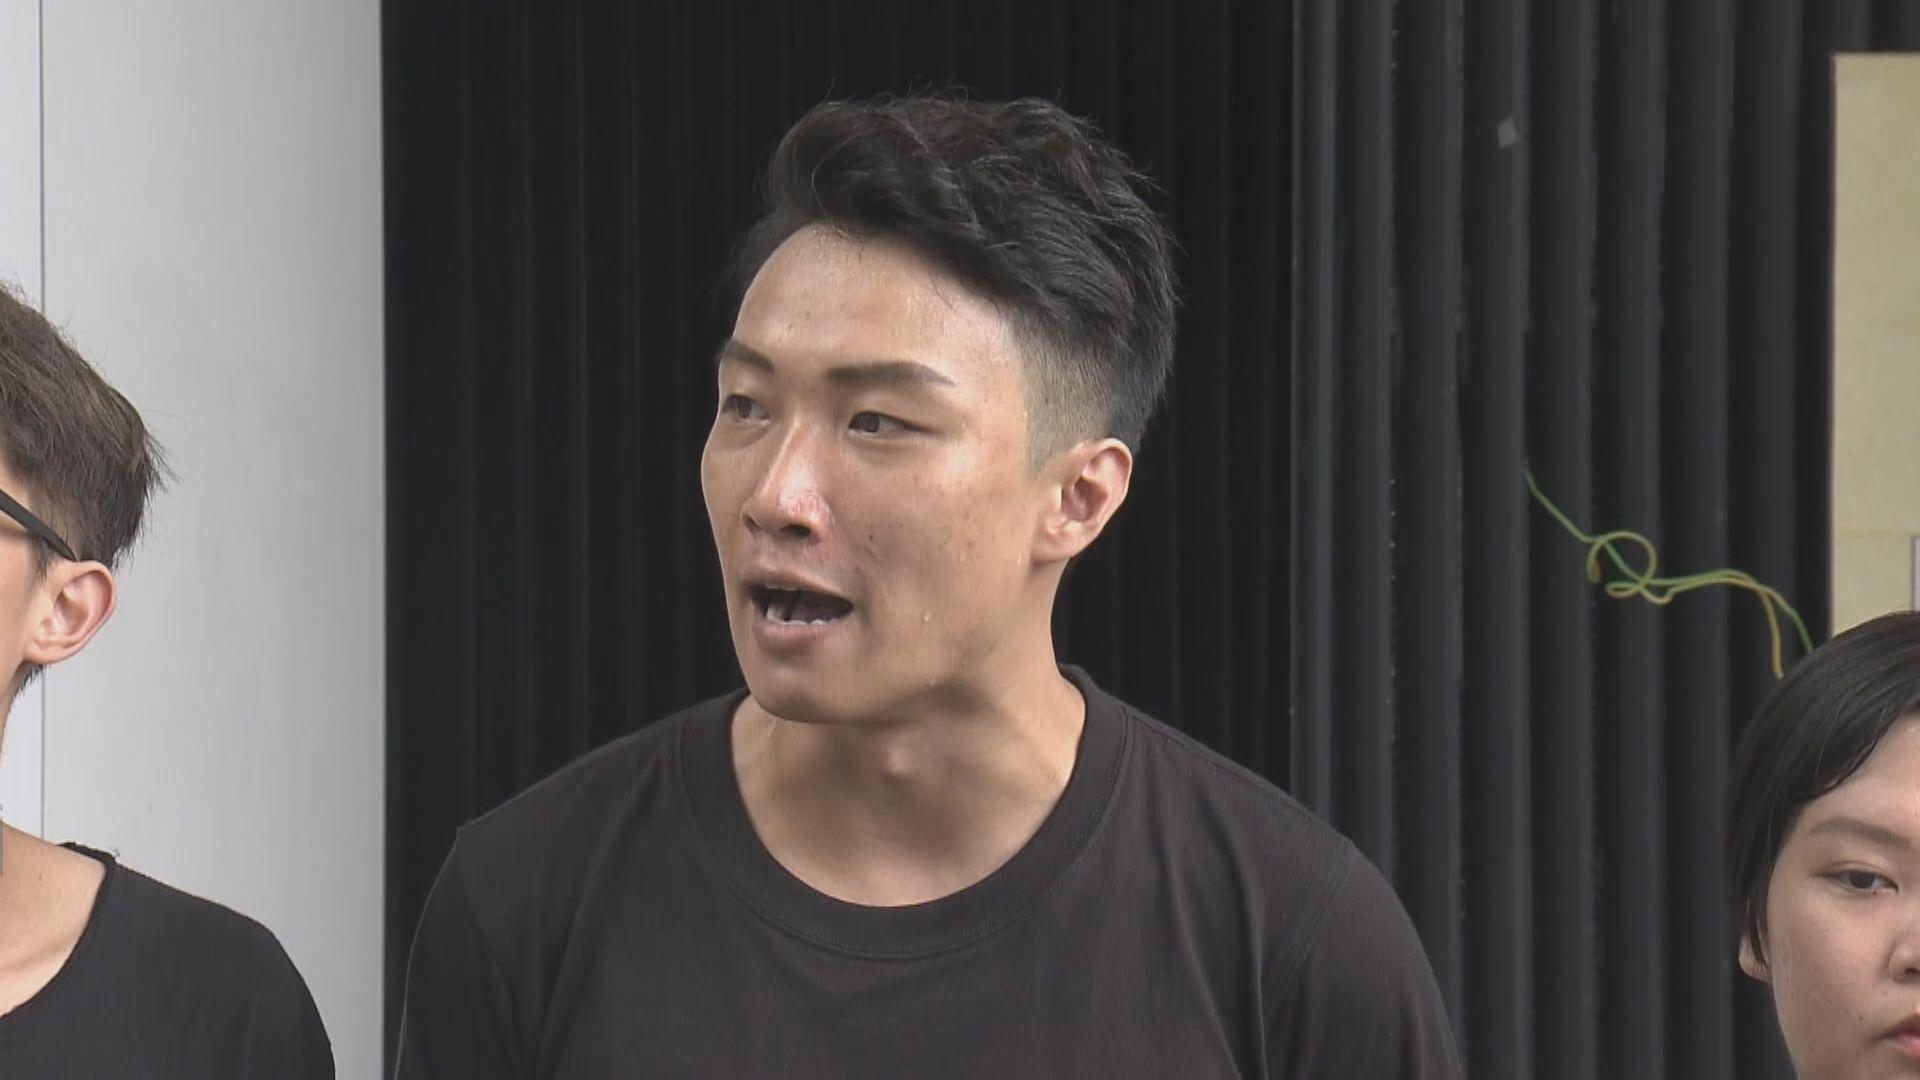 民陣:林鄭應先承諾不檢控再邀學生對話